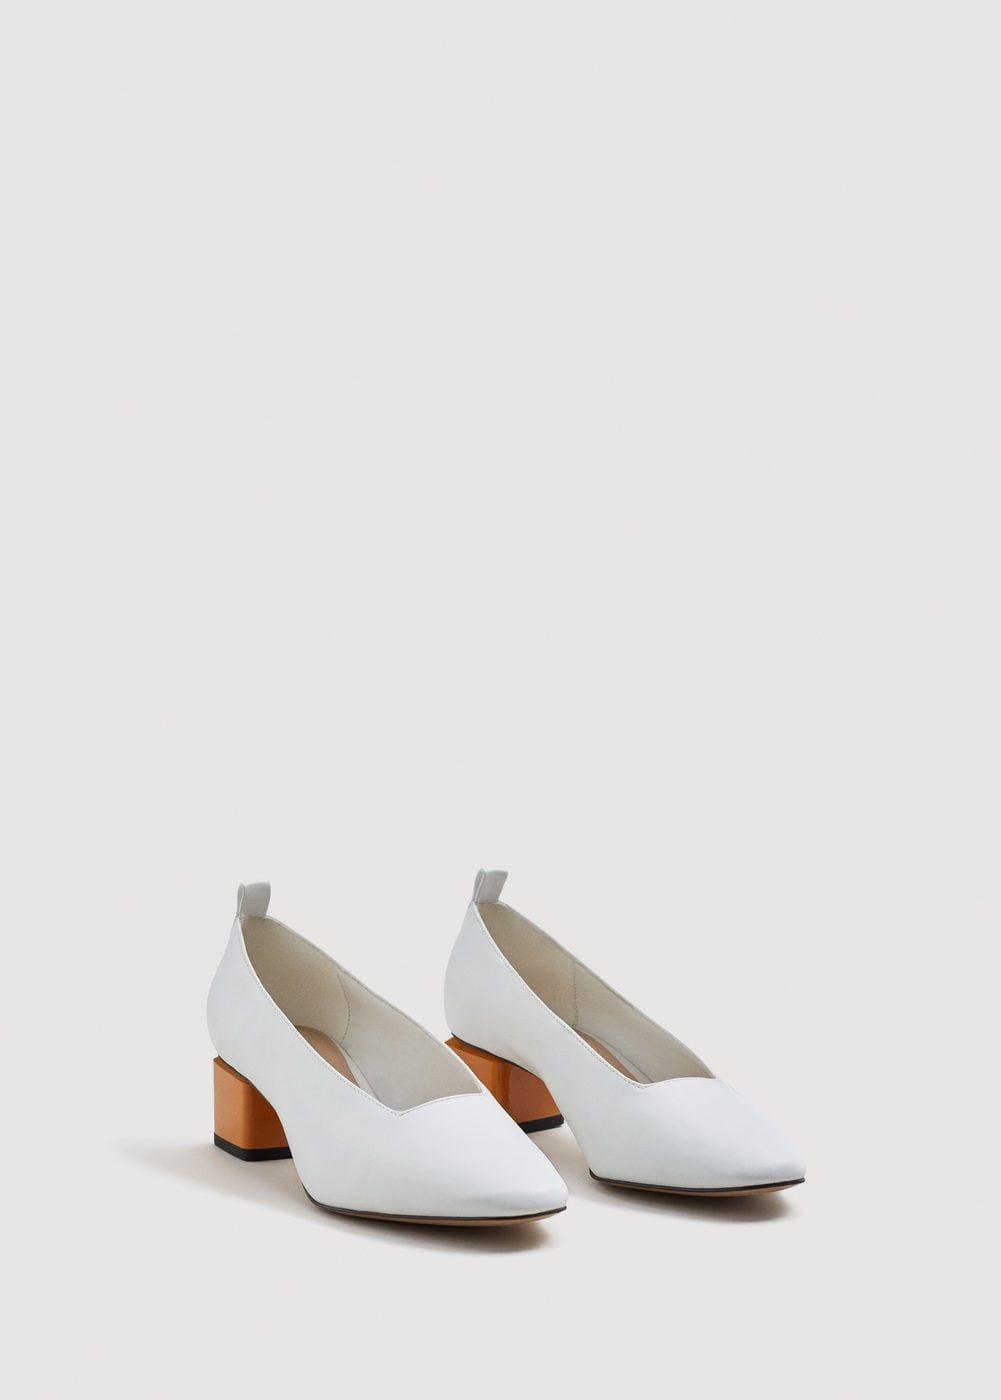 MANGO Chaussures à talon cuir Acheter Pas Cher Dernière Boutique En Ligne Prise De Livraison Gratuite K3tJn5pMG